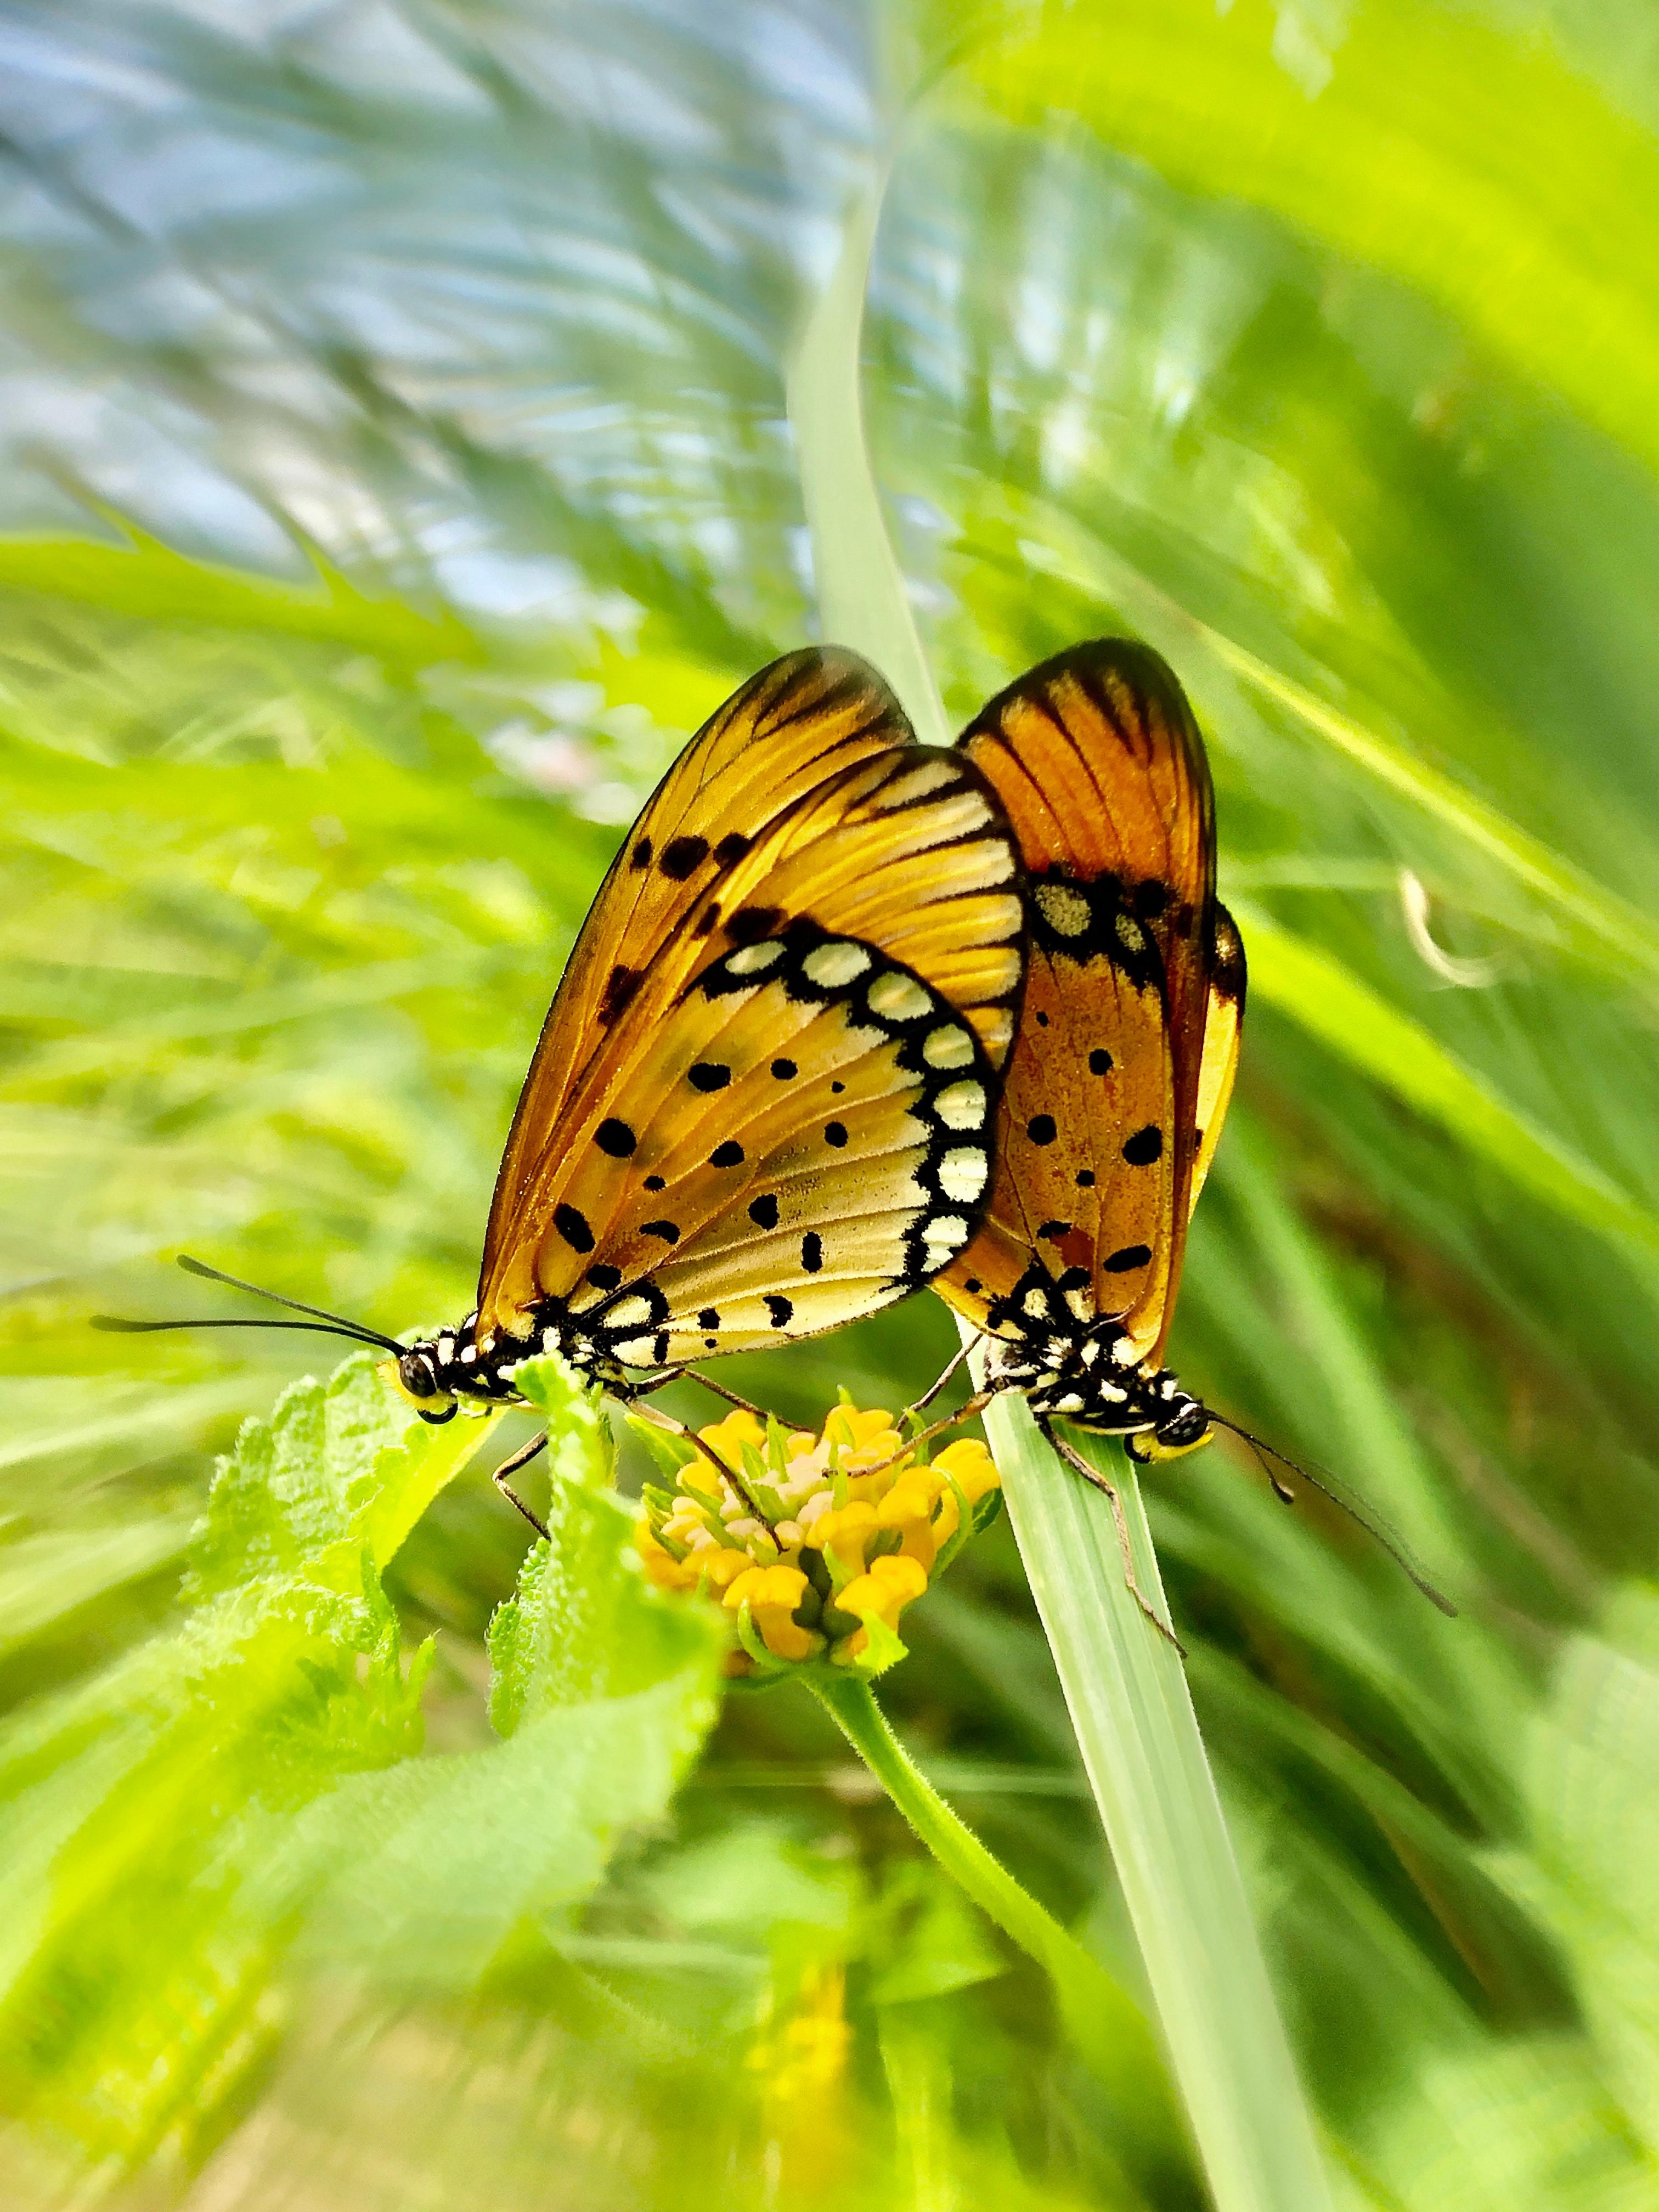 132434 Hintergrundbild herunterladen Schmetterlinge, Tiere, Blume, Muster, Flügel - Bildschirmschoner und Bilder kostenlos